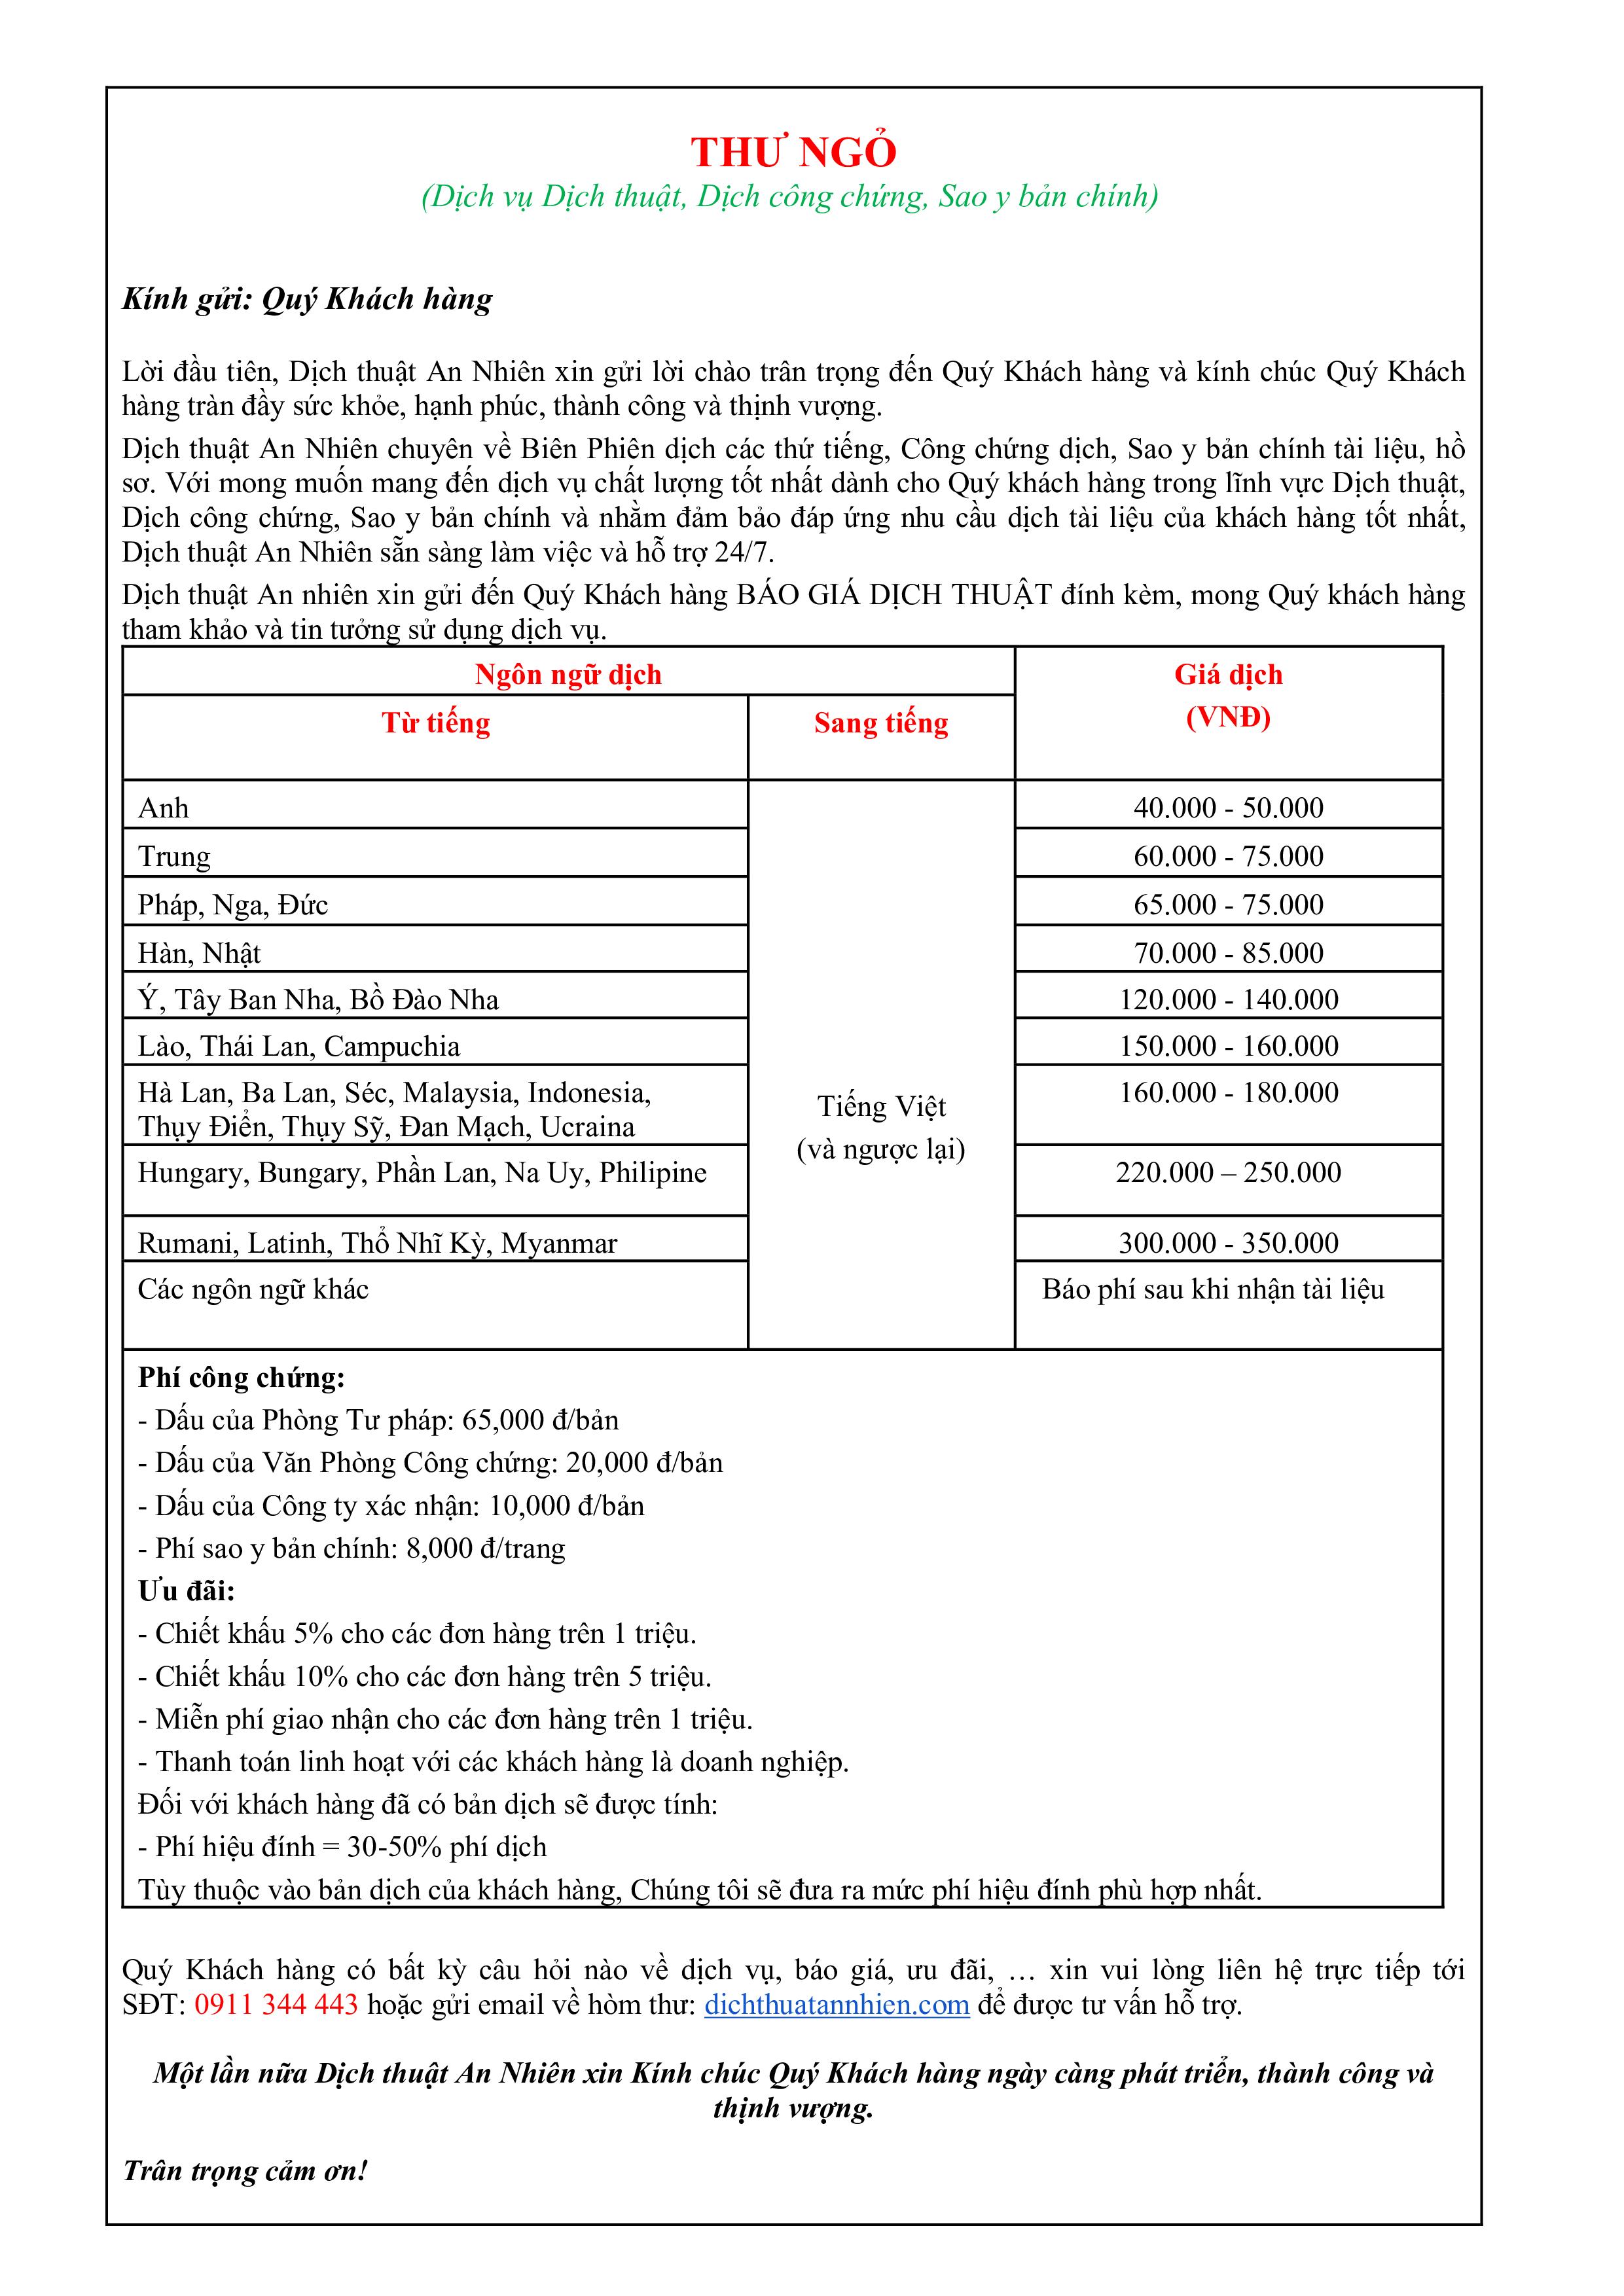 BANG-BAO-GIA-DICH-THUAT-CONG-CHUNG-AN-NHIEN-1